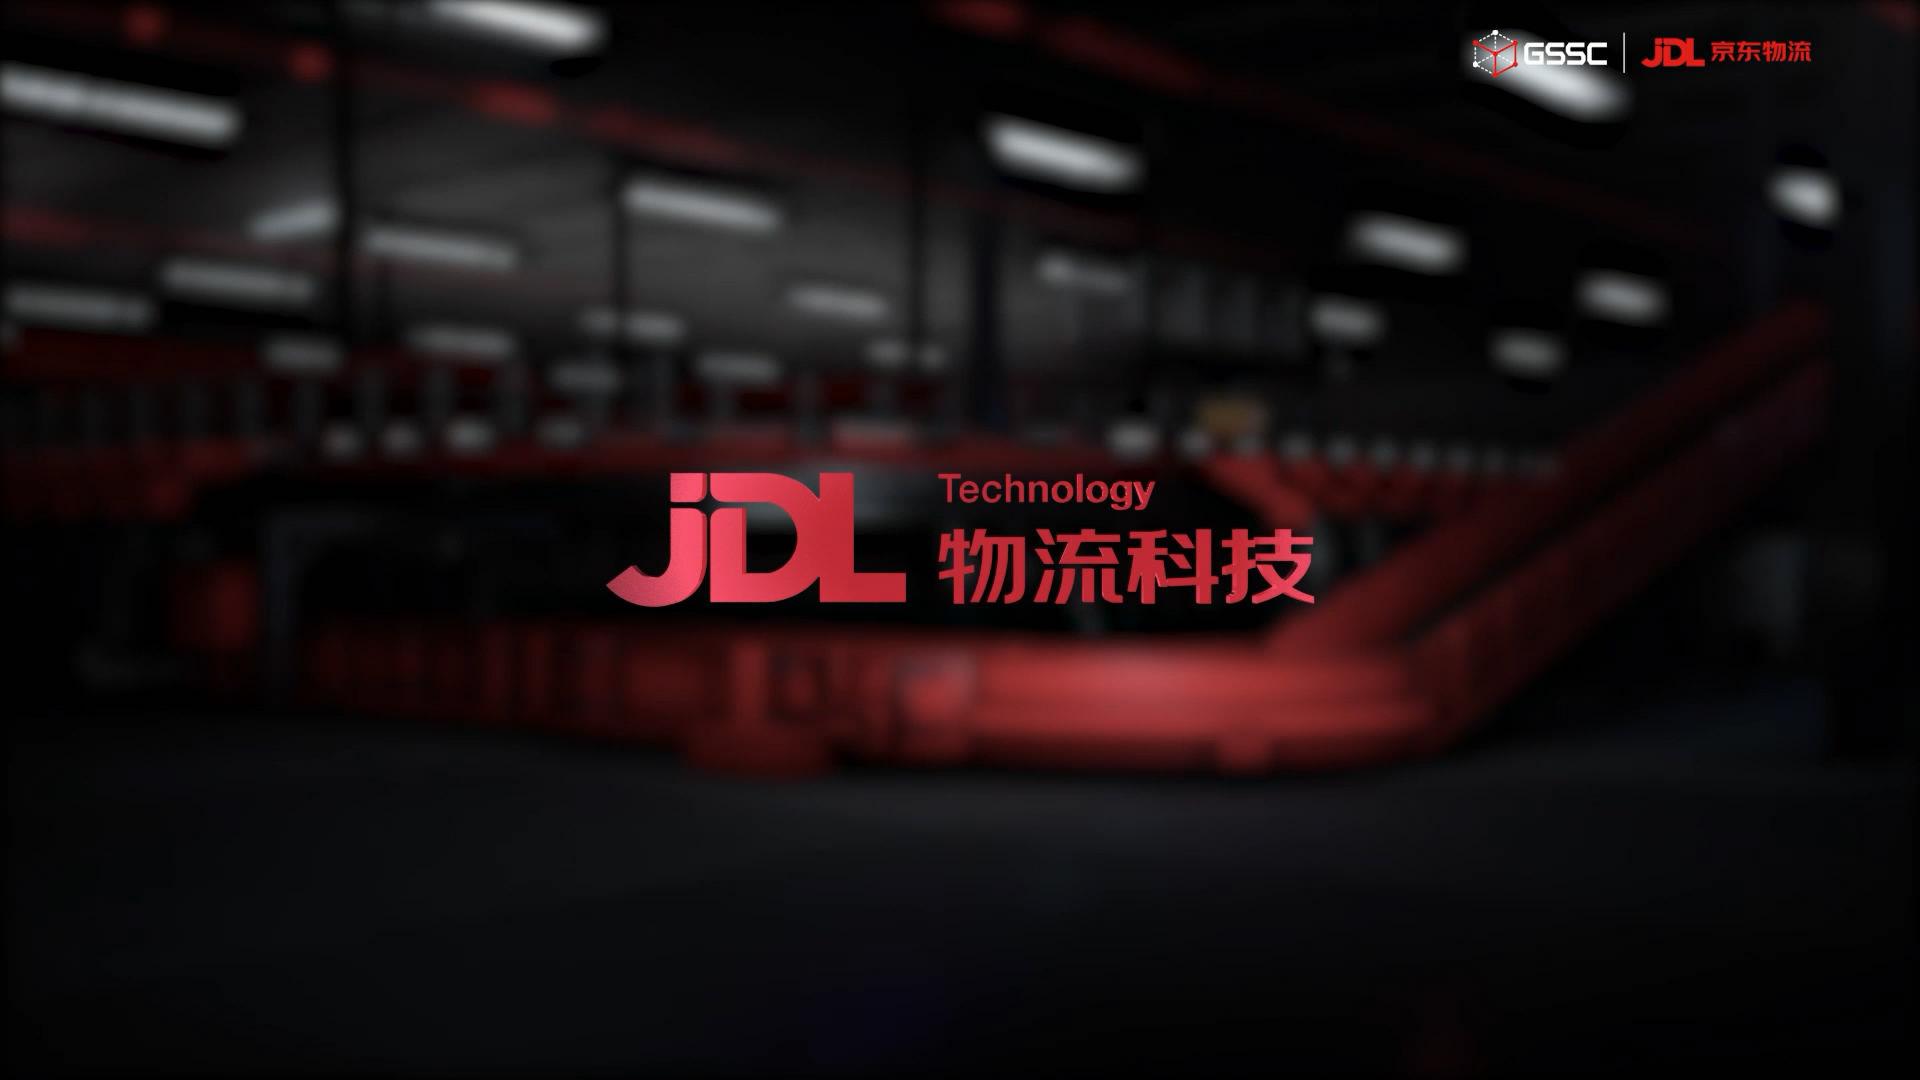 又一重要部署!JDL京东物流要用科技改变供应链未来